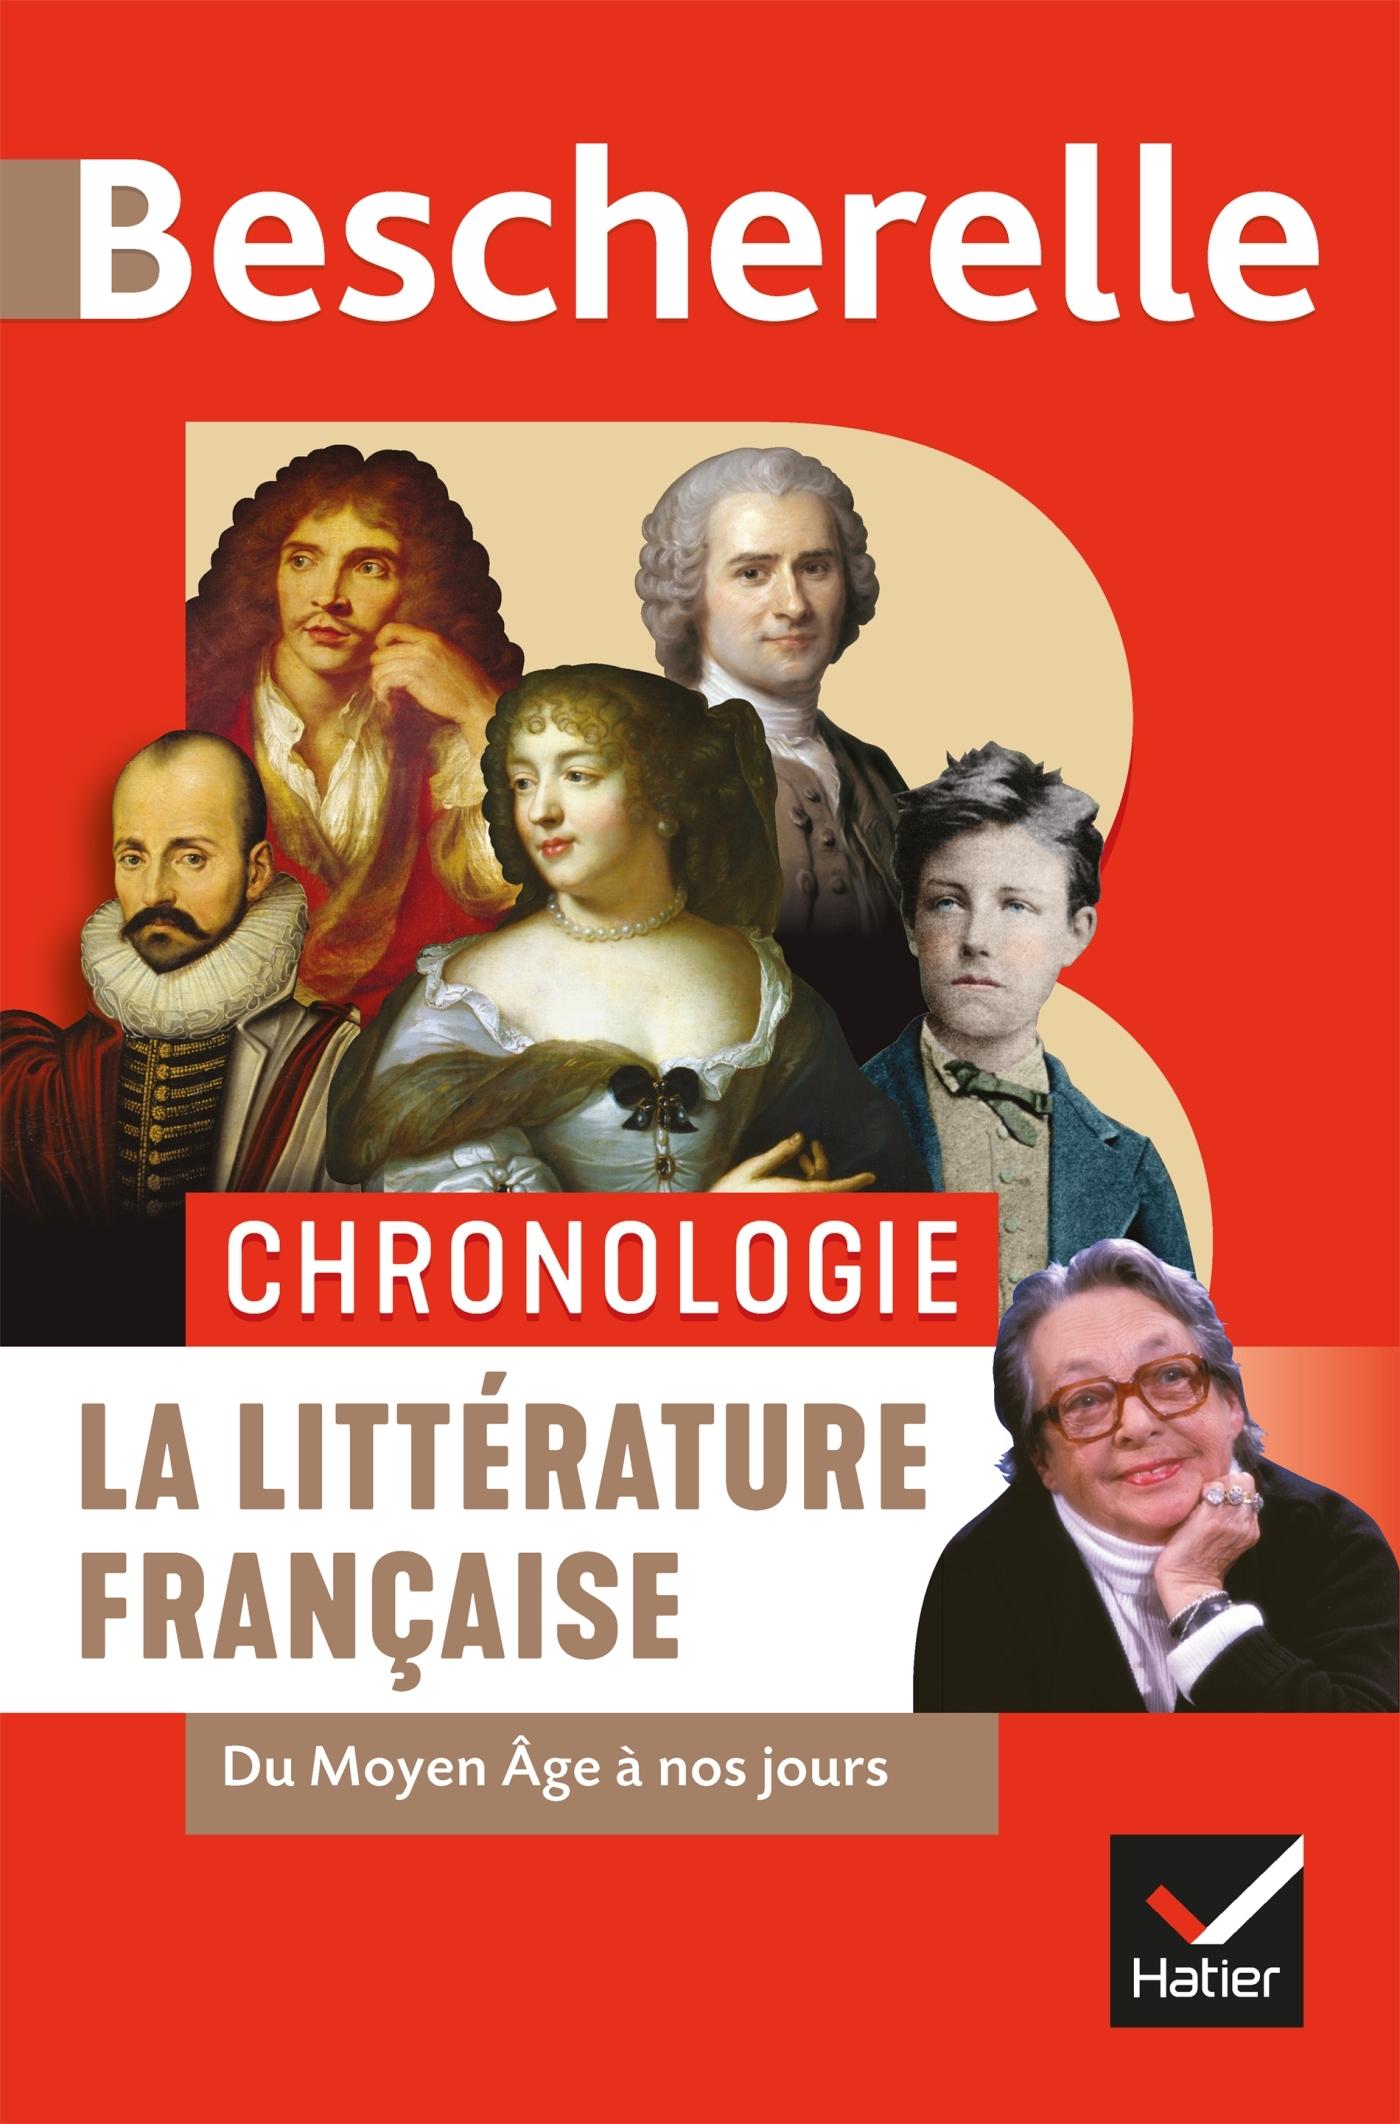 BESCHERELLE CHRONOLOGIE DE LA LITTERATURE FRANCAISE - DU MOYEN AGE A NOS JOURS